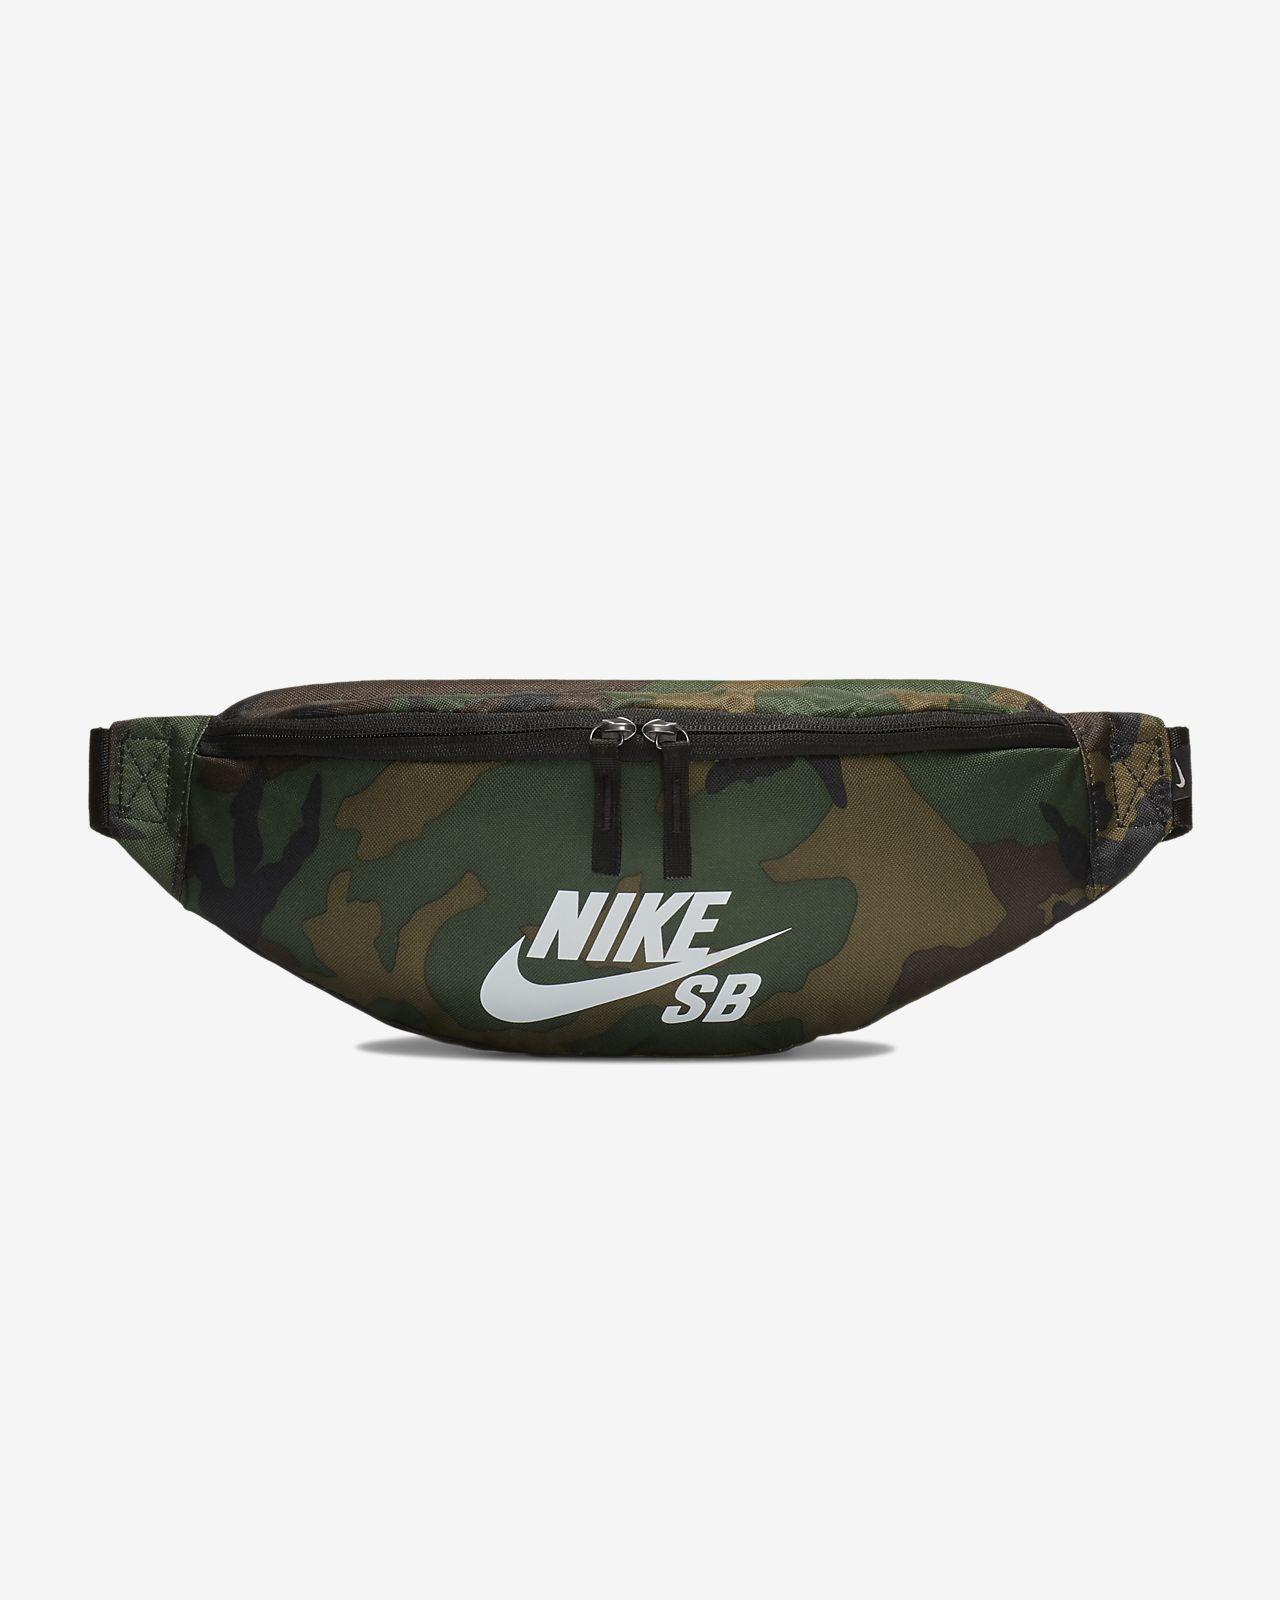 Sac de ceinture de skateboard imprimé Nike SB Heritage (Petits objets)